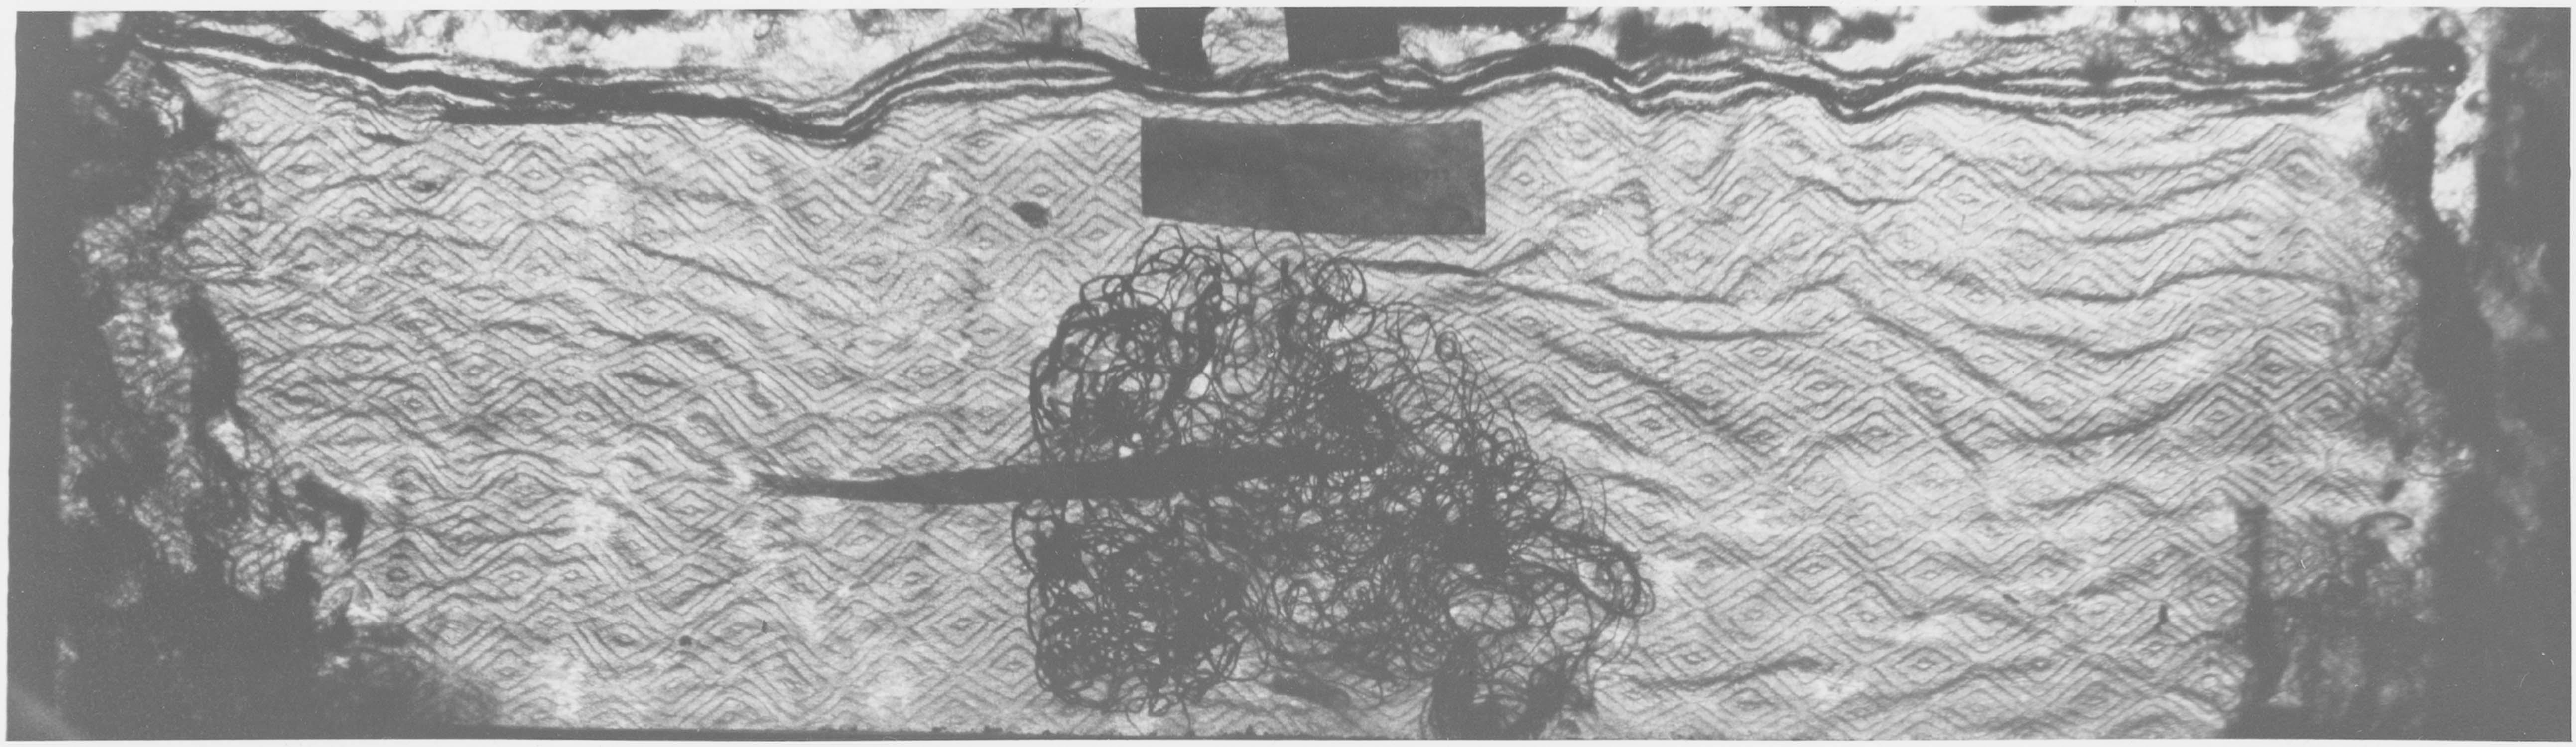 pièce de tissu ayant enveloppé la relique de saint Lupin, chanoine de saint Nazaire, vue générale